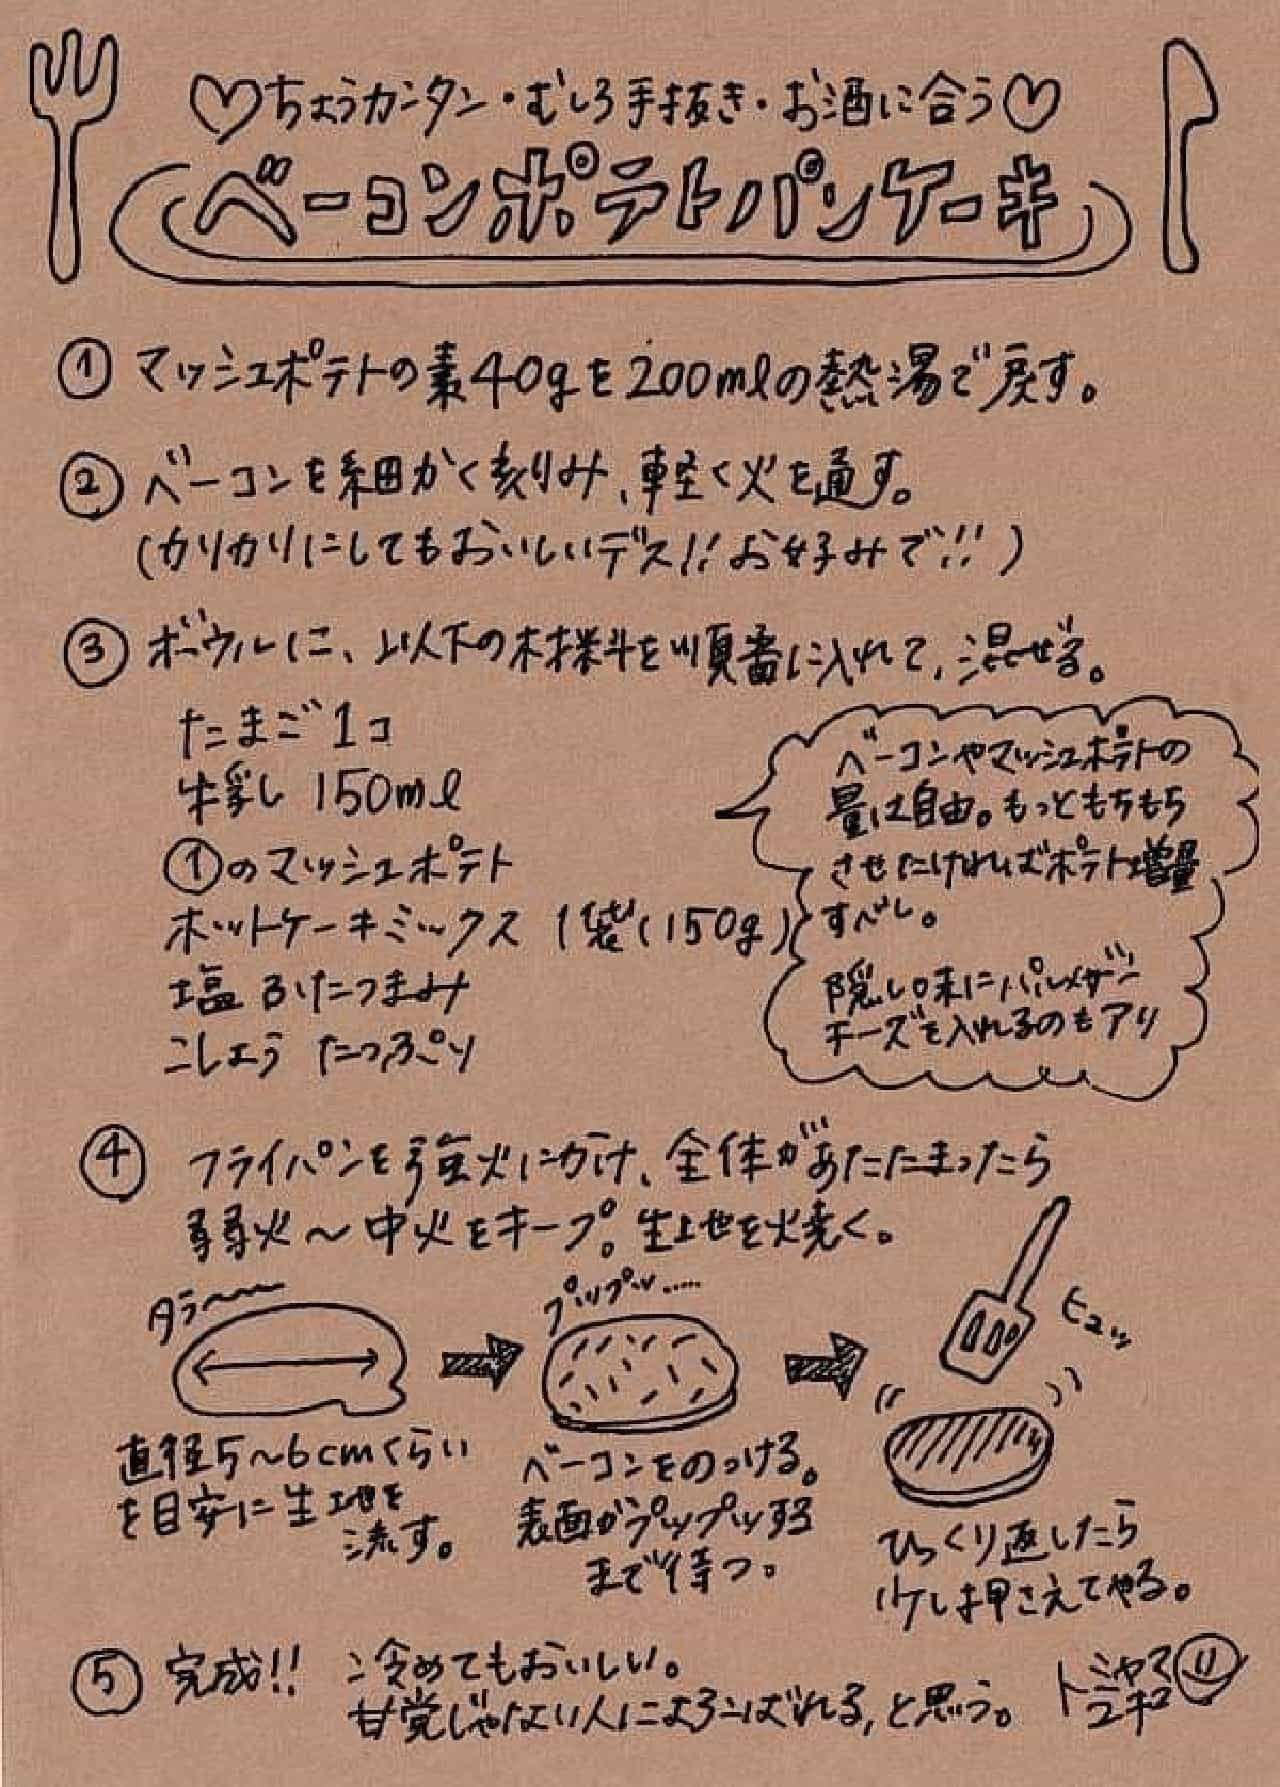 スペシャルパンケーキ レシピ